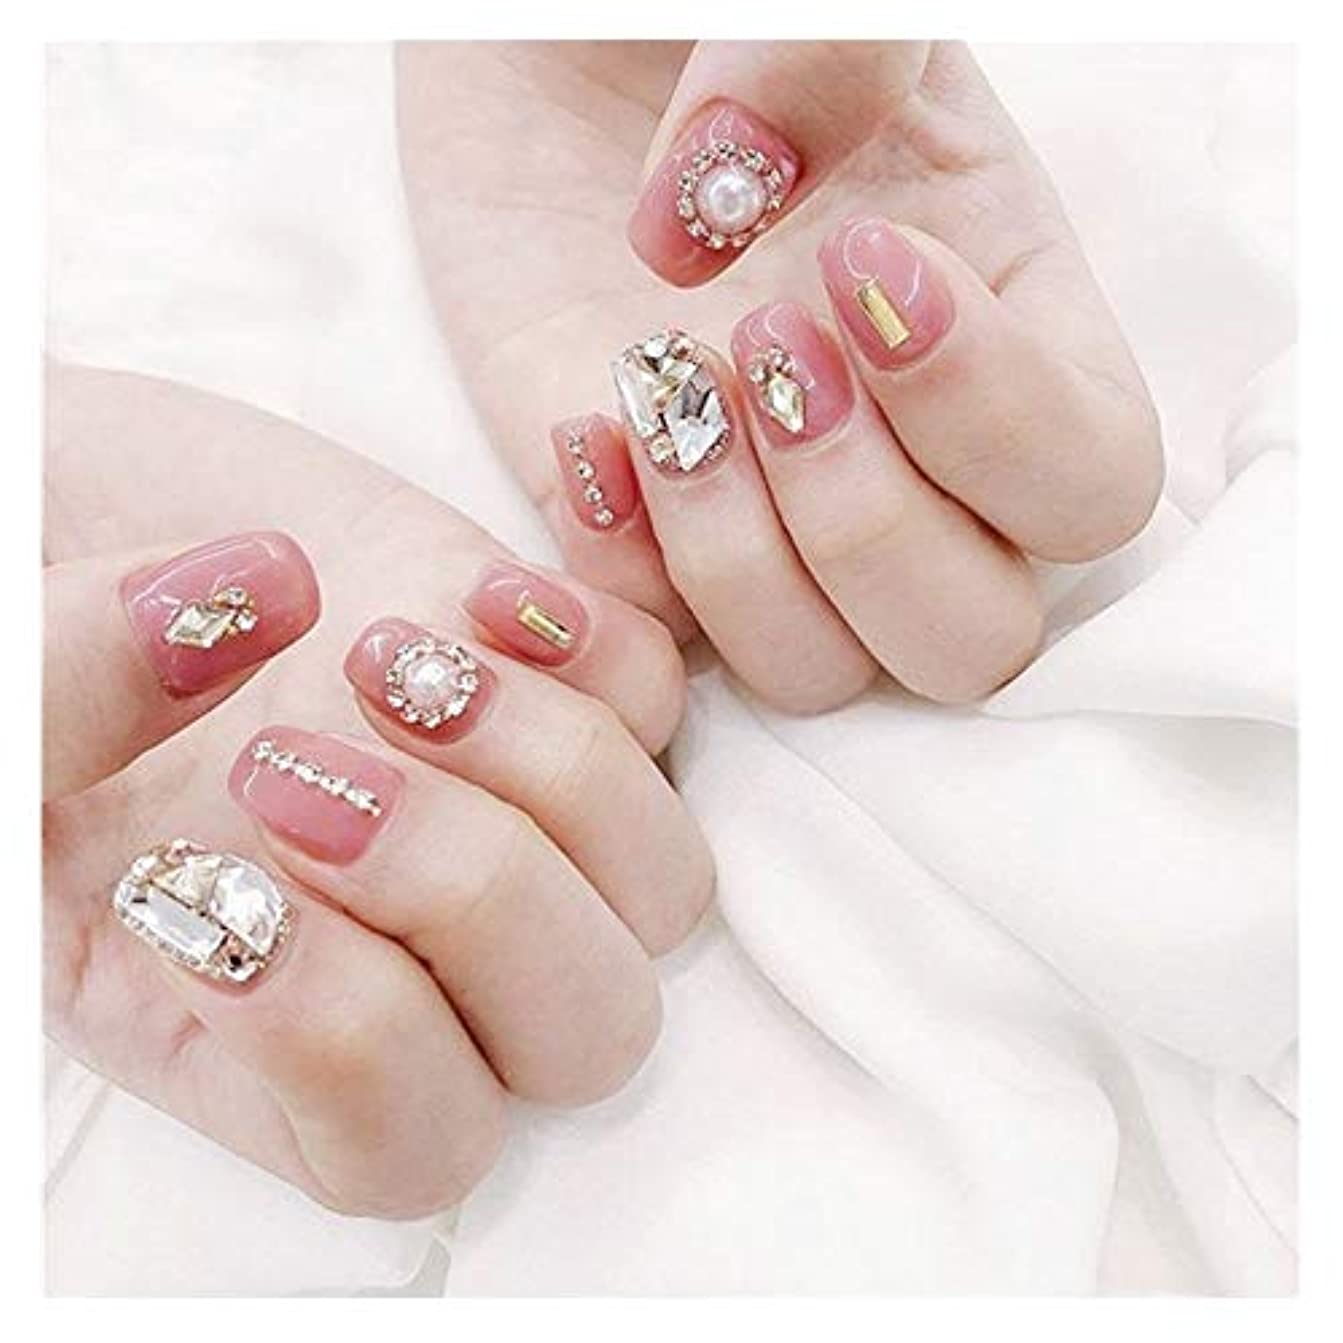 関与する証書よろめくLVUITTON ダイヤモンドのり偽の爪ピンクのかわいい花嫁フォトスタジオ完成ネイル偽の釘 (色 : 24 pieces)